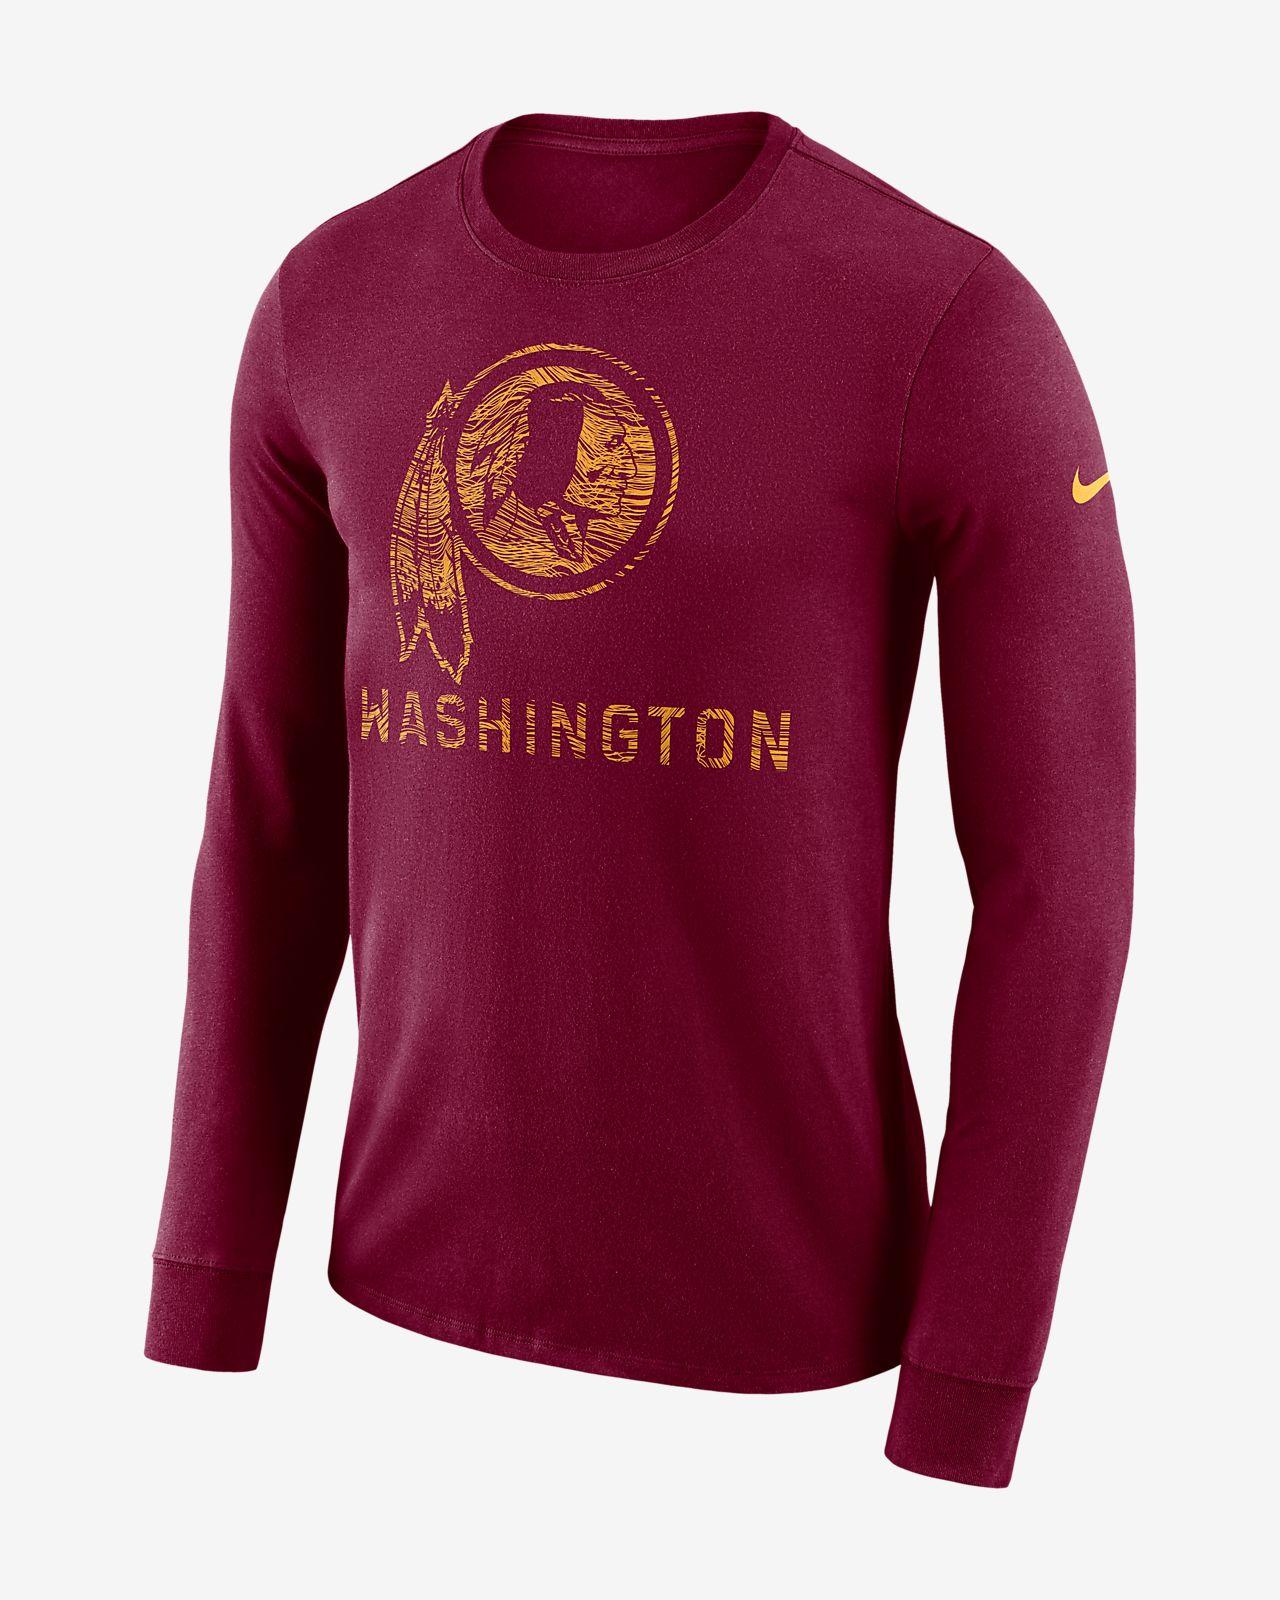 869356fa899d15 Nike Dri-FIT Seismic (NFL Redskins) Men s Long-Sleeve T-Shirt. Nike.com